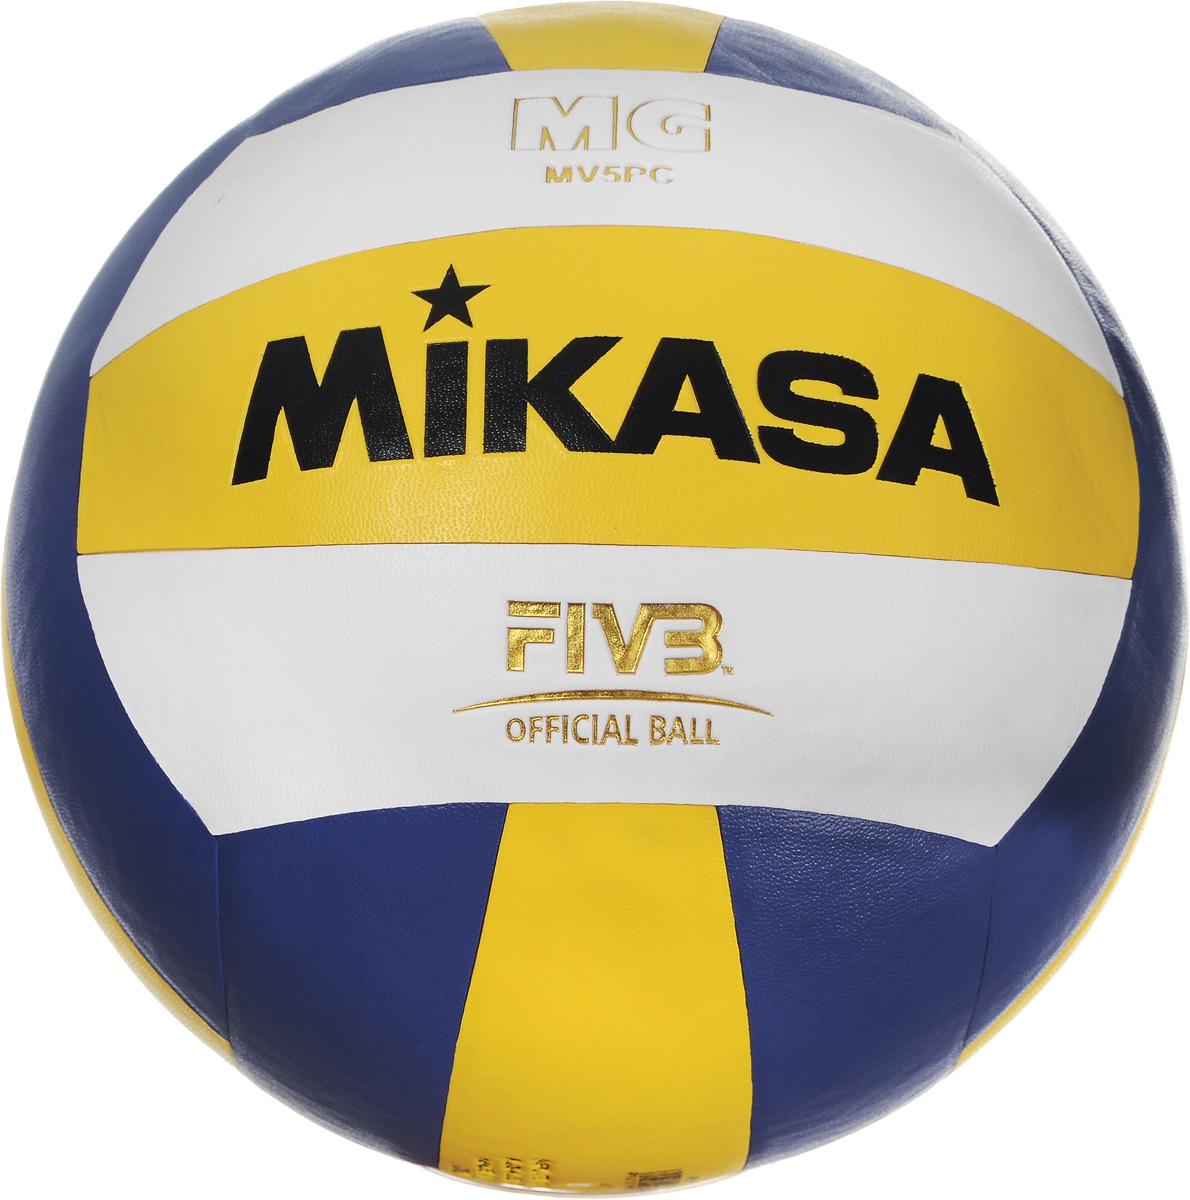 Мяч волейбольный Mikasa SKV5, цвет: синий, белый, желтый. Размер 5УТ-00009346Мяч Mikasa SKV5 имеет облегченный вес, что позволяет не беспокоится о травмах и избавится от страха прямого контакта с мячом. Он подойдет для тех, кто только знакомится с волейболом. Мяч изготовлен из очень мягкой пены (EVA), отличительной особенностью которой является отсутствие запаха, легкость и сохранение формы мяча, наряду с прочностью и долговечностью. Технология сшивки панелей TwinSTLock обеспечивает долговечность и прочность, как у клееного мяча. Камера выполнена из бутила.УВАЖЕМЫЕ КЛИЕНТЫ!Обращаем ваше внимание на тот факт, что мяч поставляется в сдутом виде. Насос в комплект не входит.